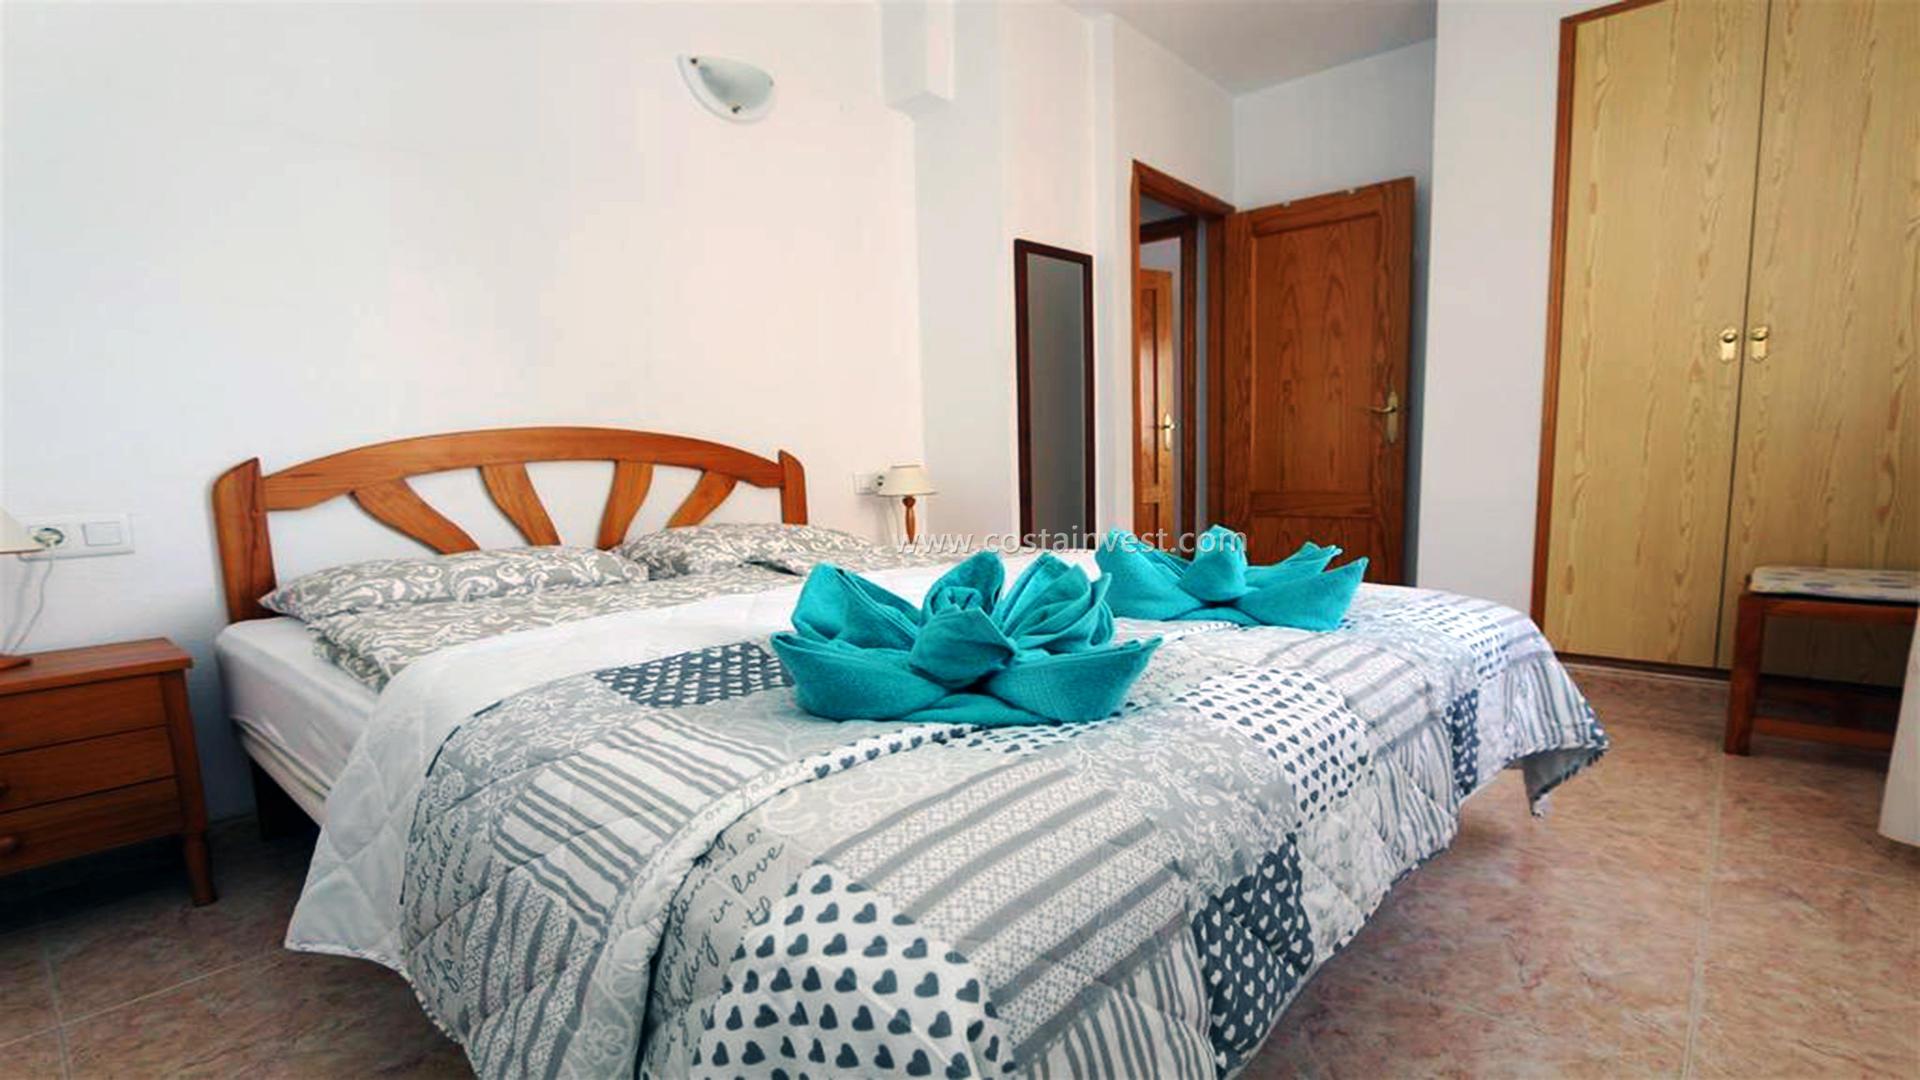 Apartament -                                       Torrevieja -                                       2 sypialnie -                                       4 osoby